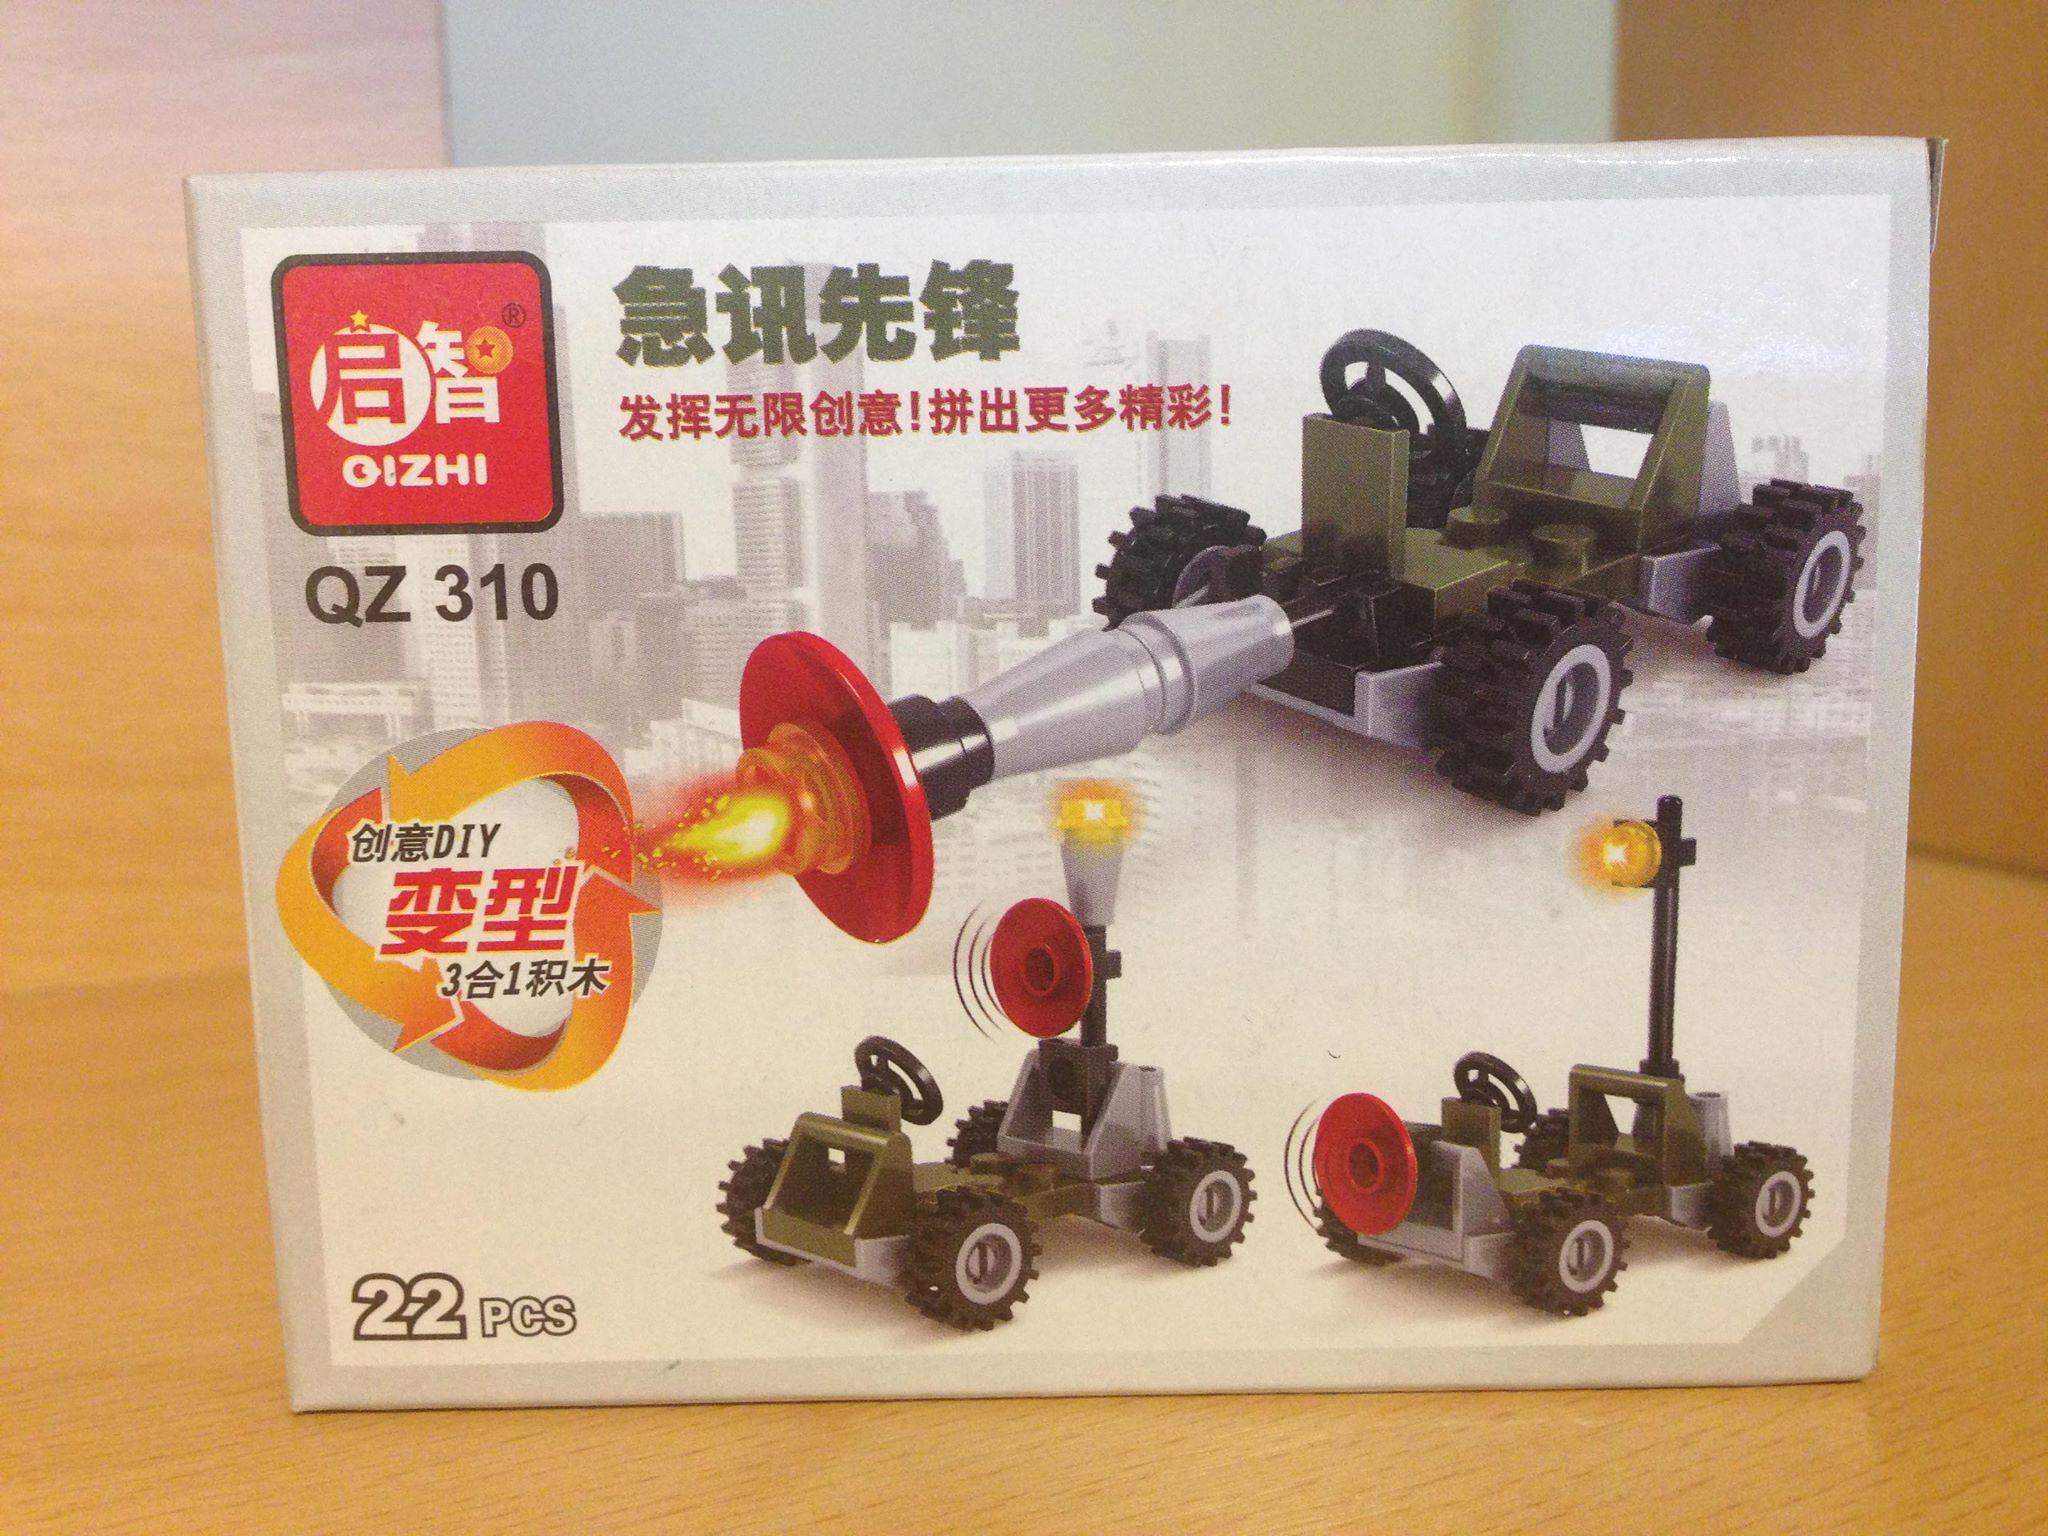 სათამაშო კონსტრუქტორი QZ - 310